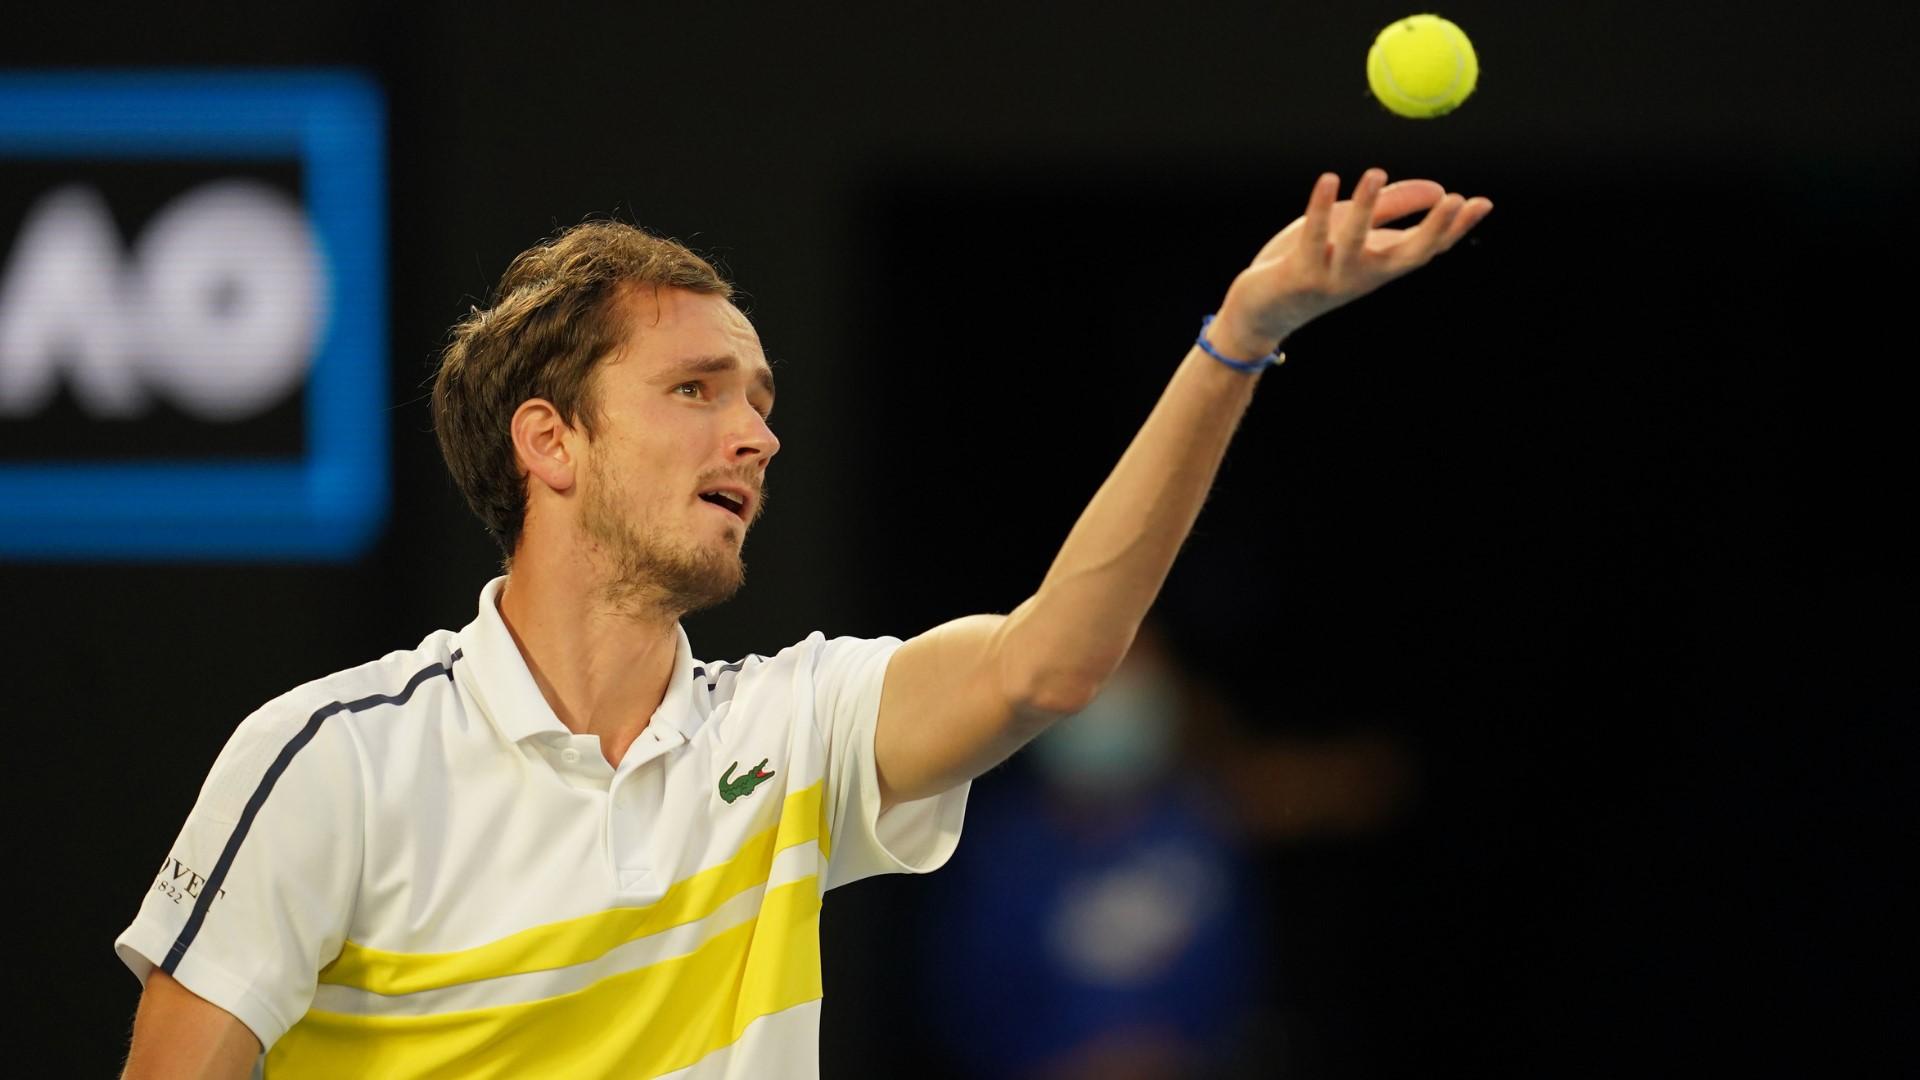 Foto Australian Open FB 5 1 - Medvedev skočil na tretje mesto, Đoković že vidi rekord Federerja